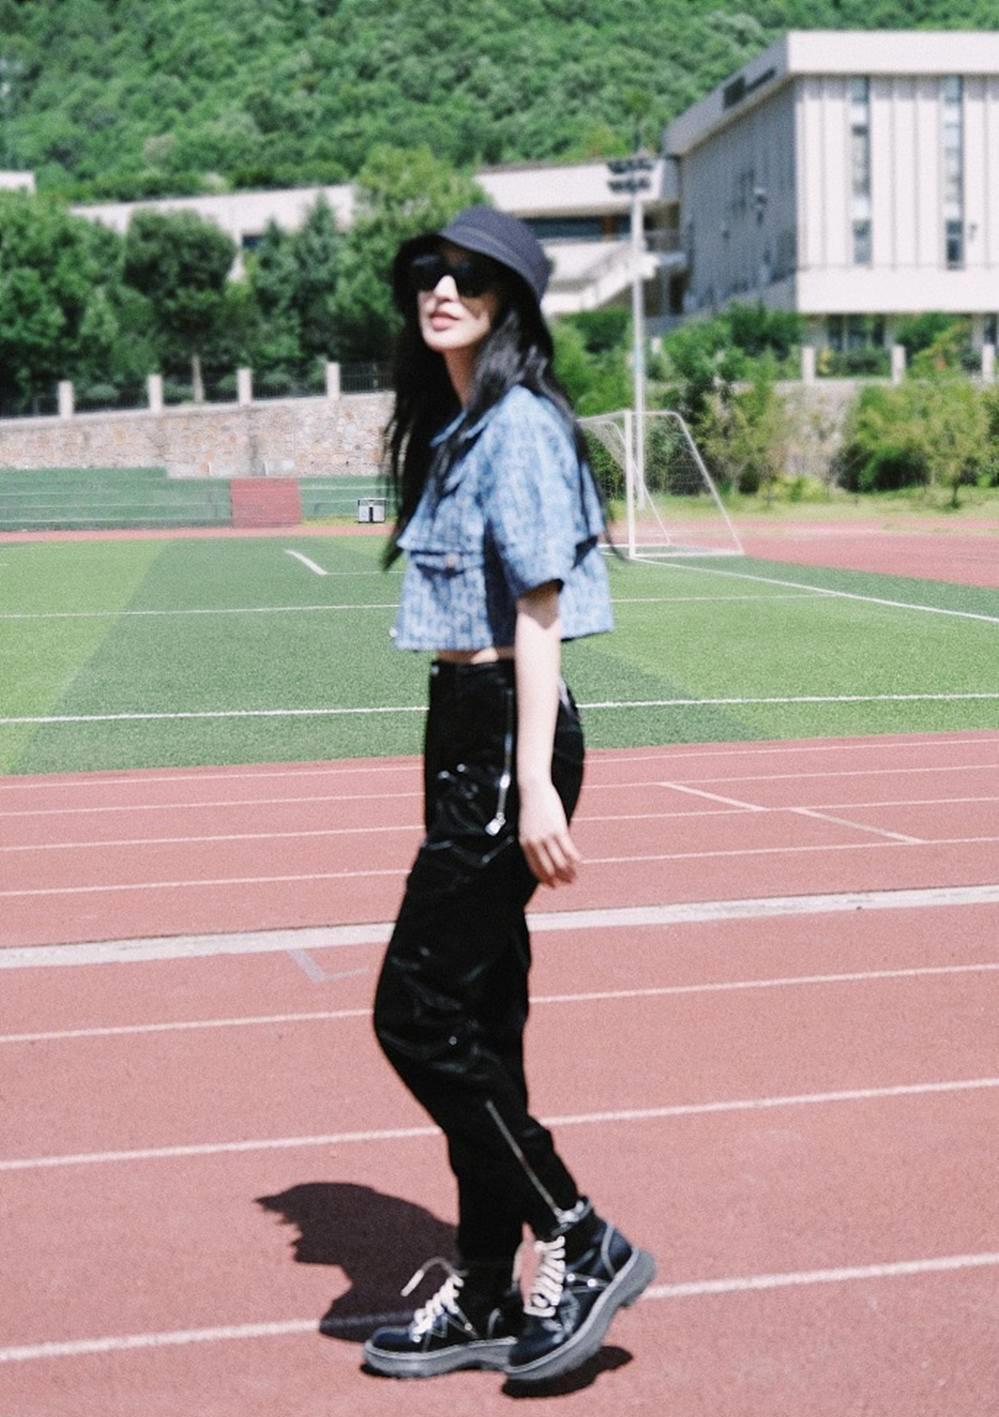 33歲張儷露臍裝+工裝褲,實力秀螞蟻腰,好身材不當模特可惜瞭-圖2